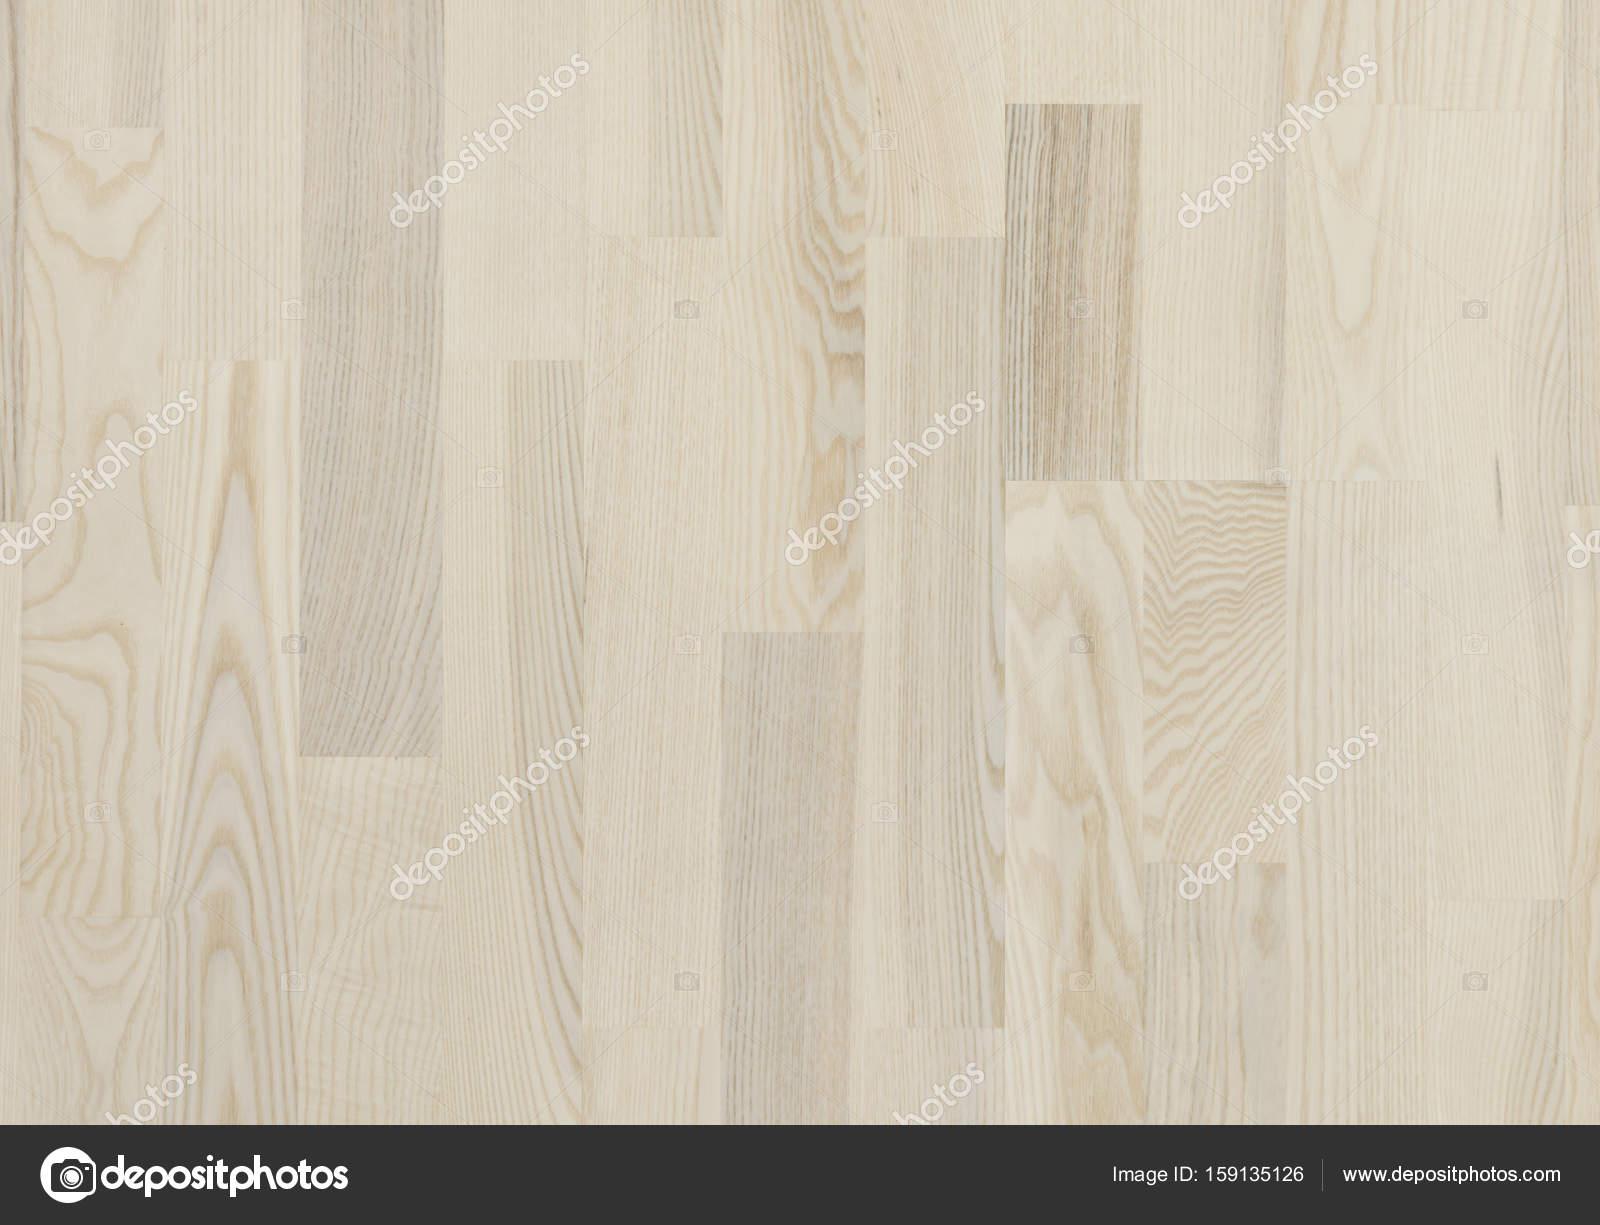 Wit Eiken Vloer : Parket vloer wit eiken textuur als achtergrond u stockfoto